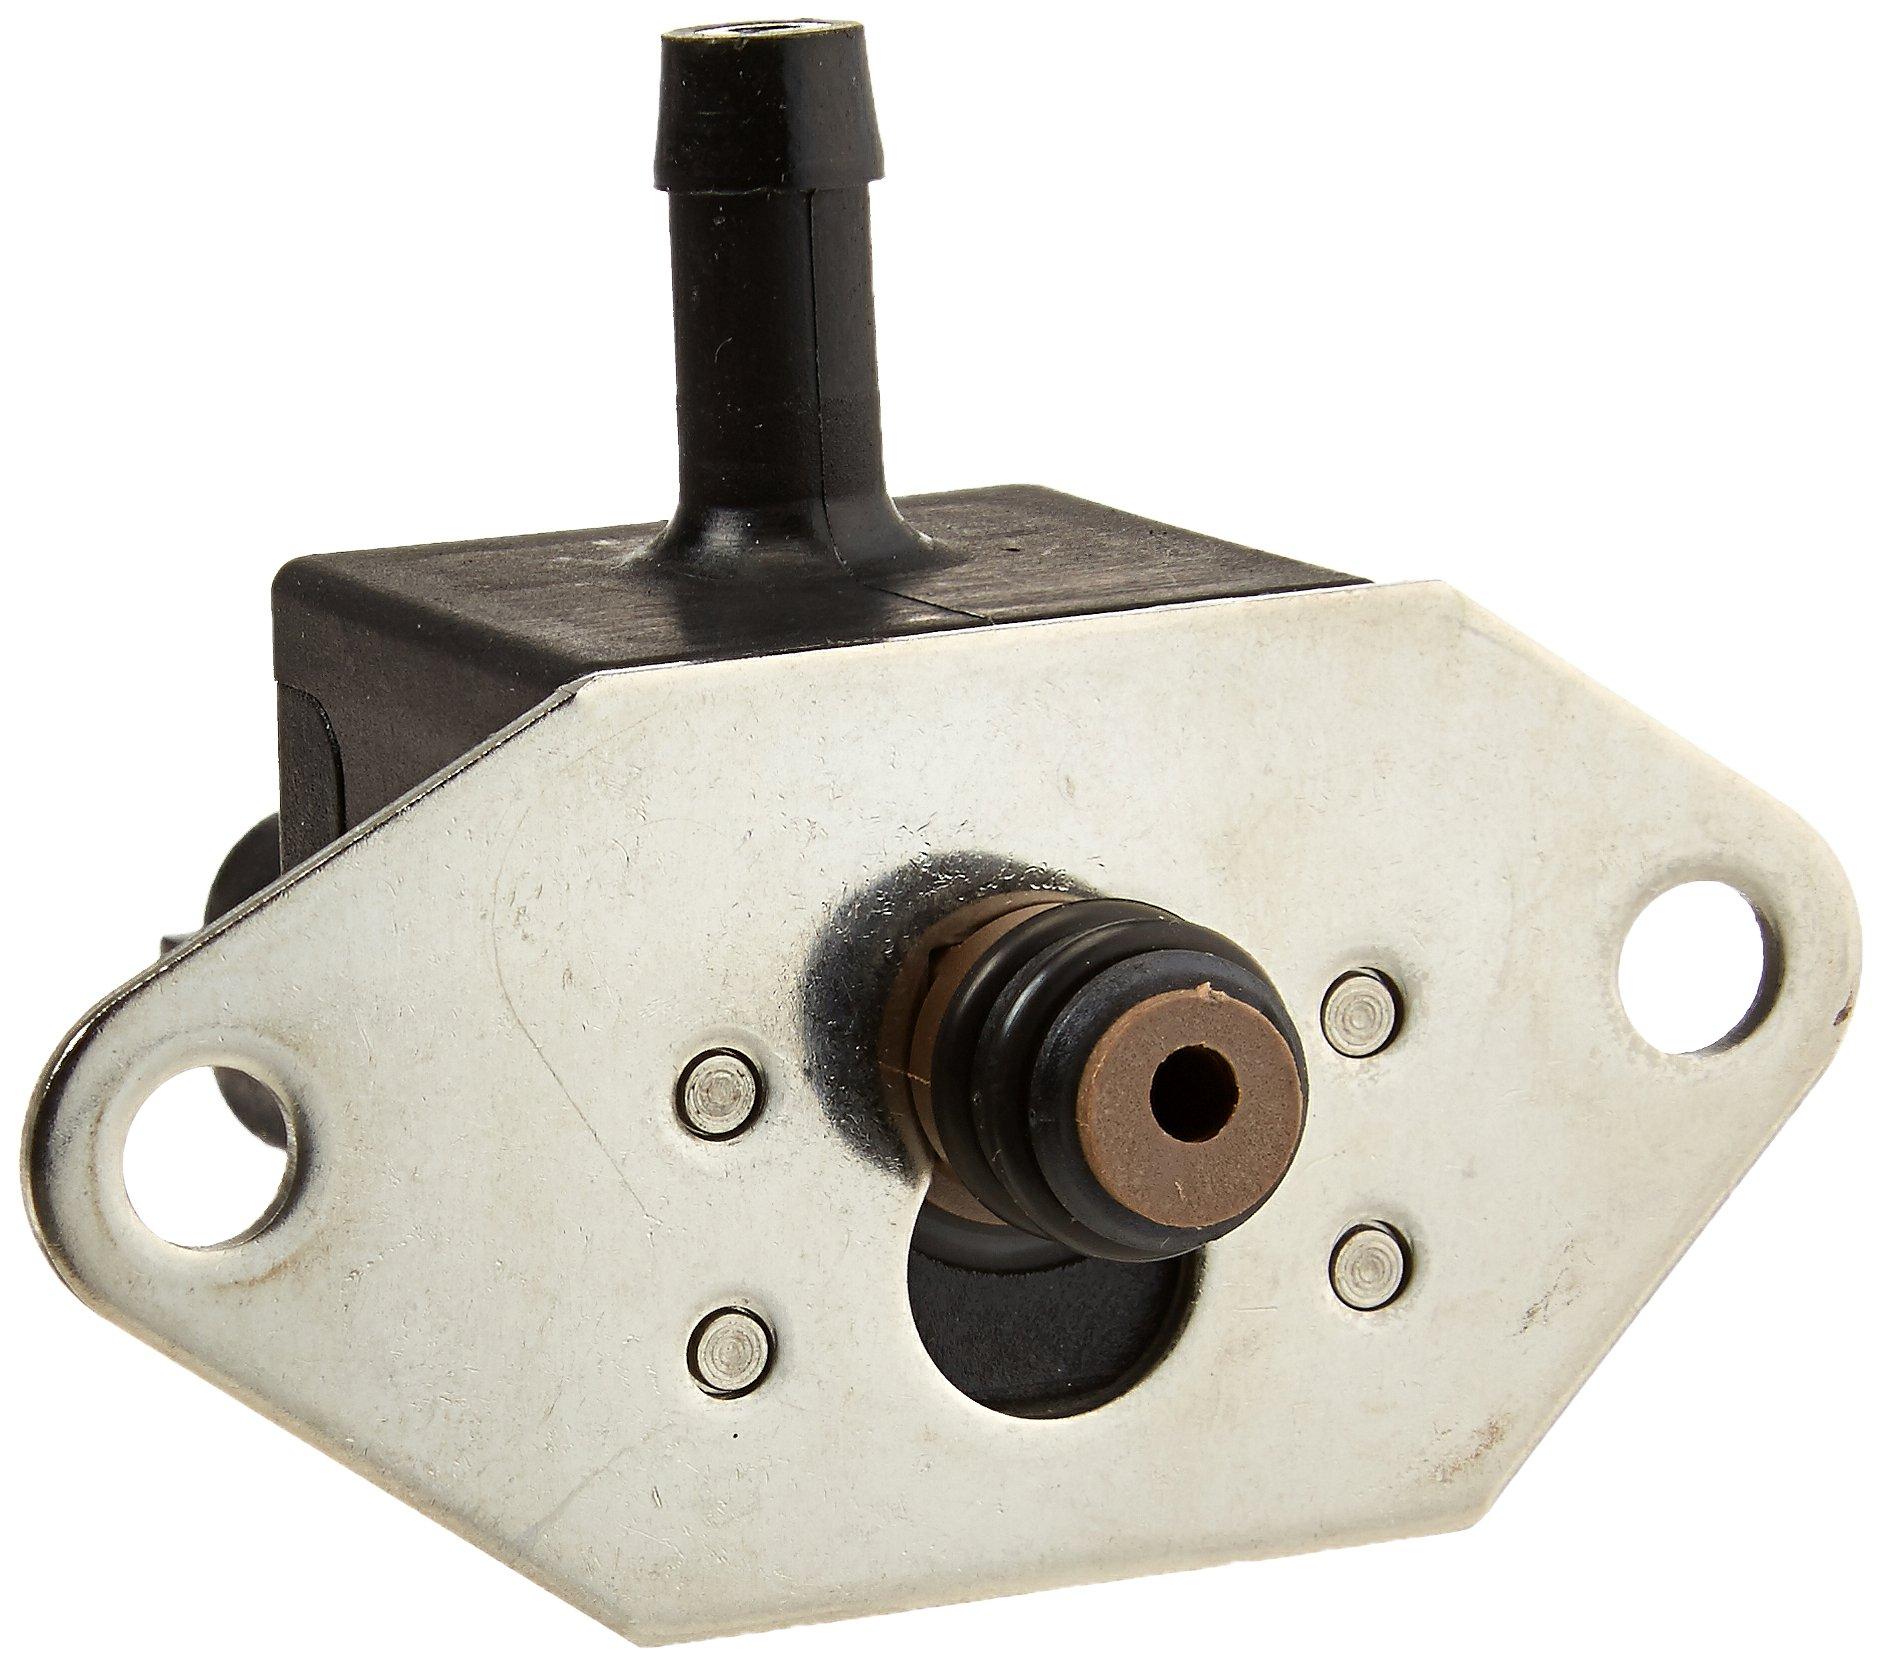 Standard Motor Products FPS7 Fuel Injection Pressure Sensor